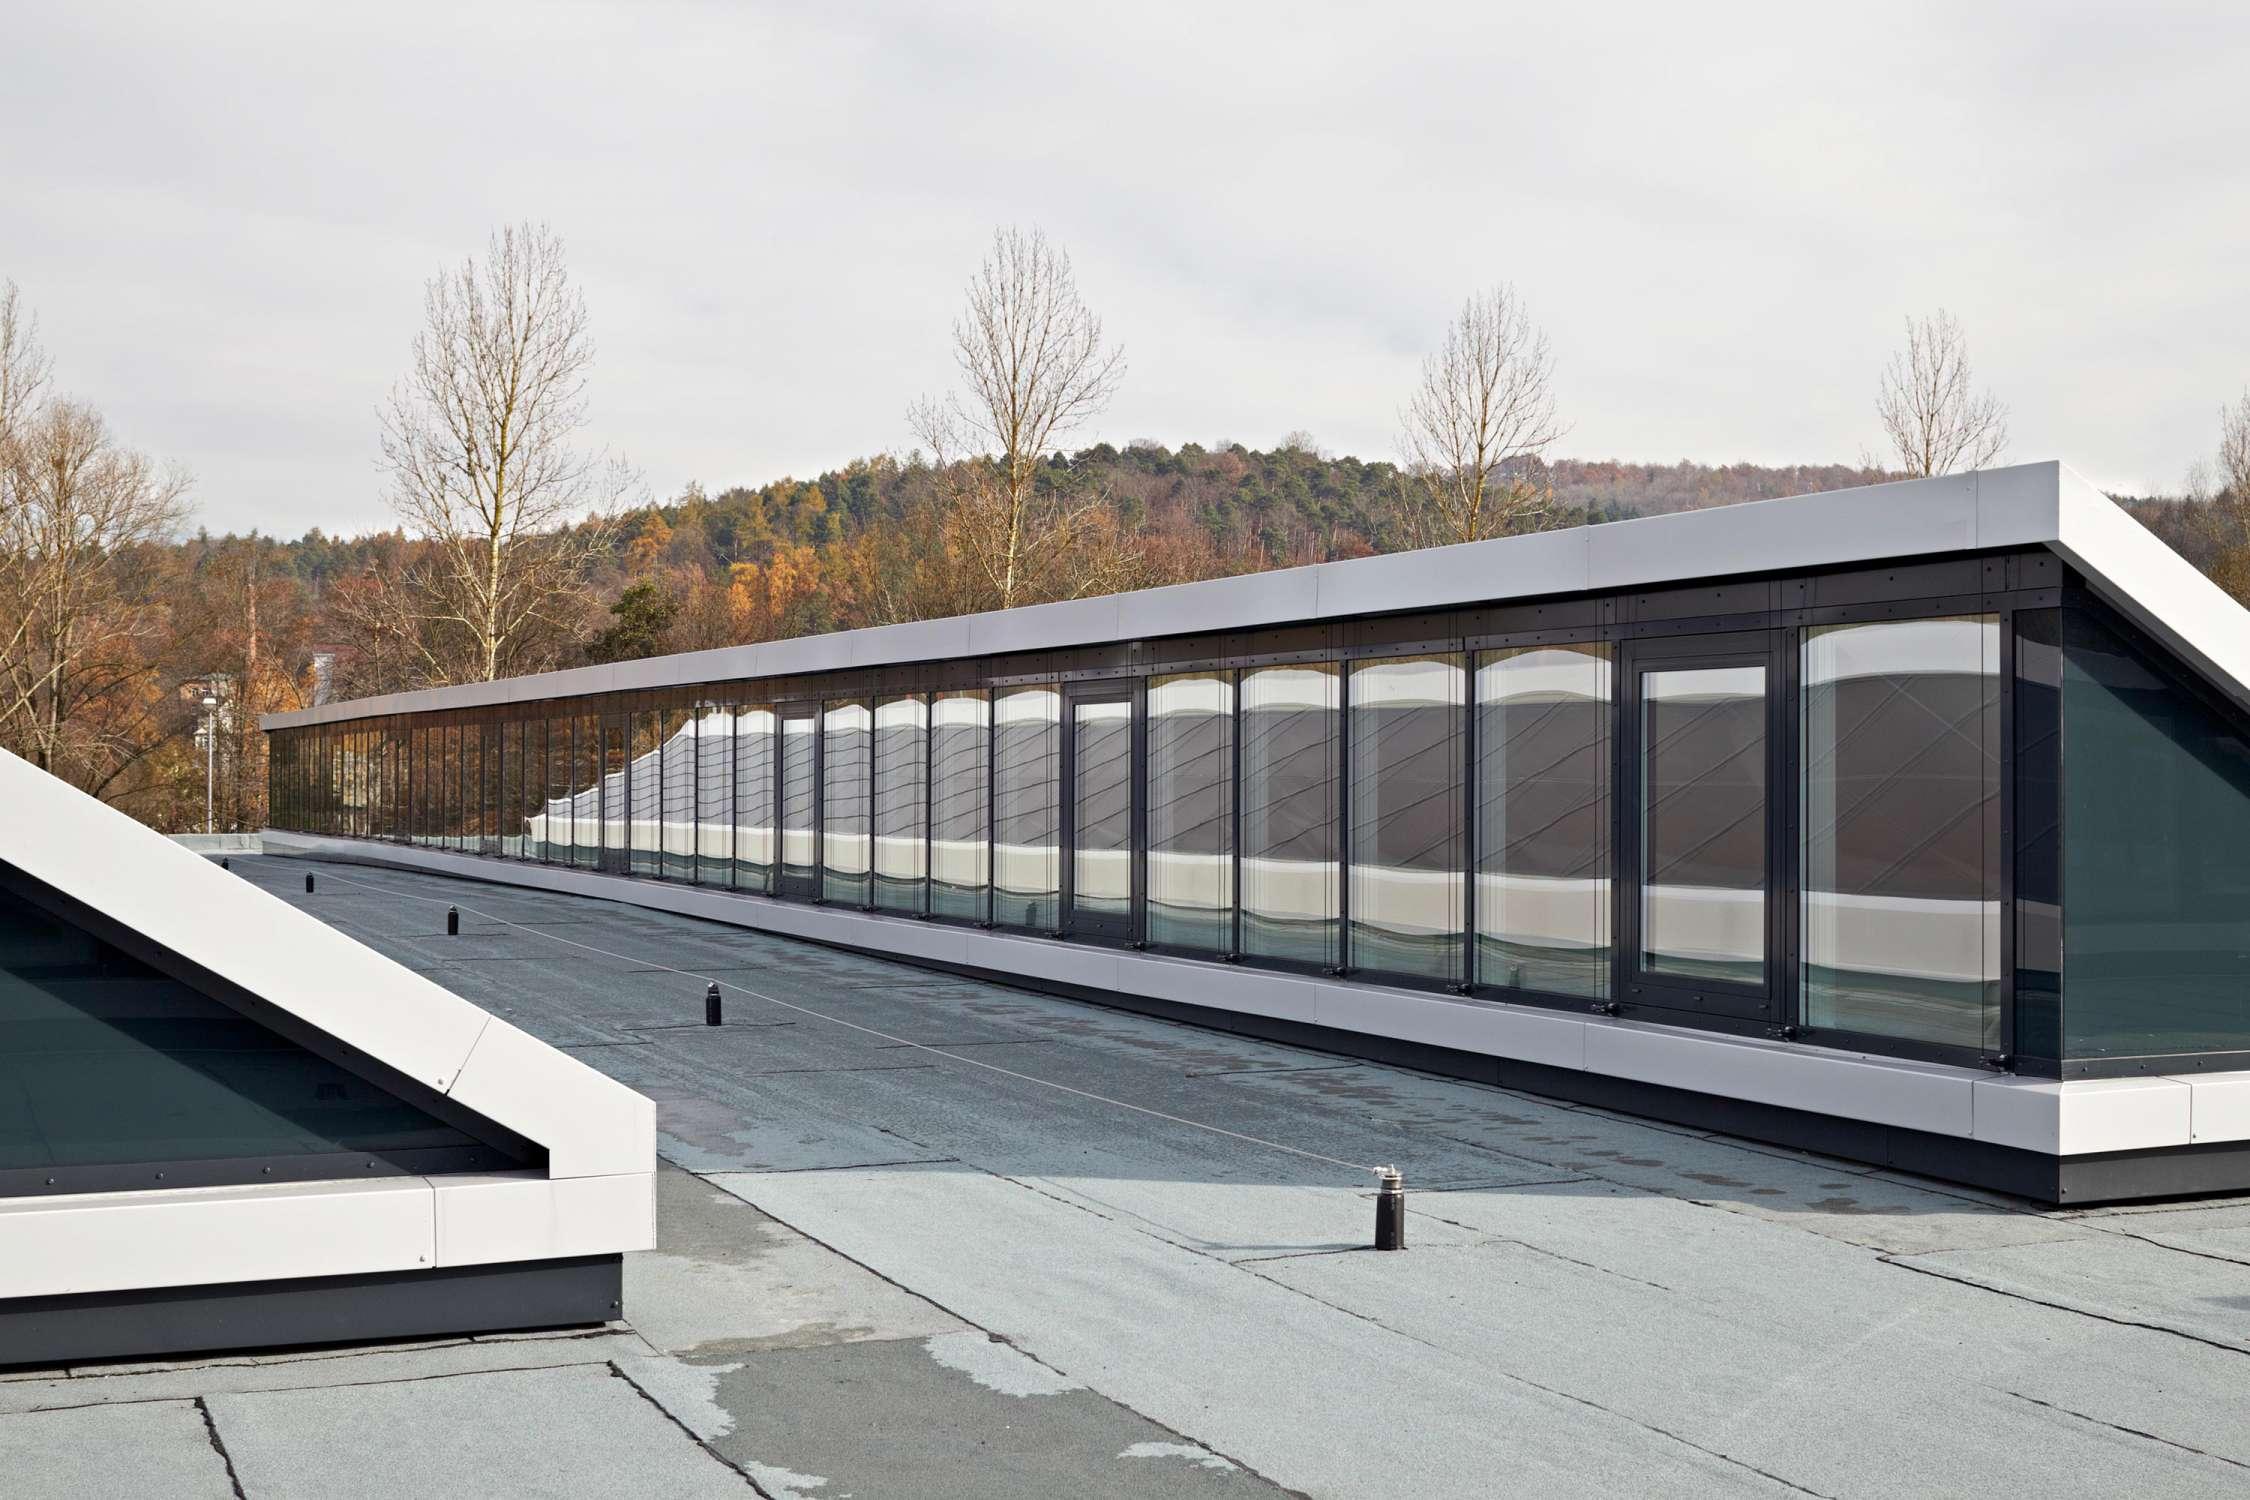 Energetische Dachsanierung Produktionsstätte (5)